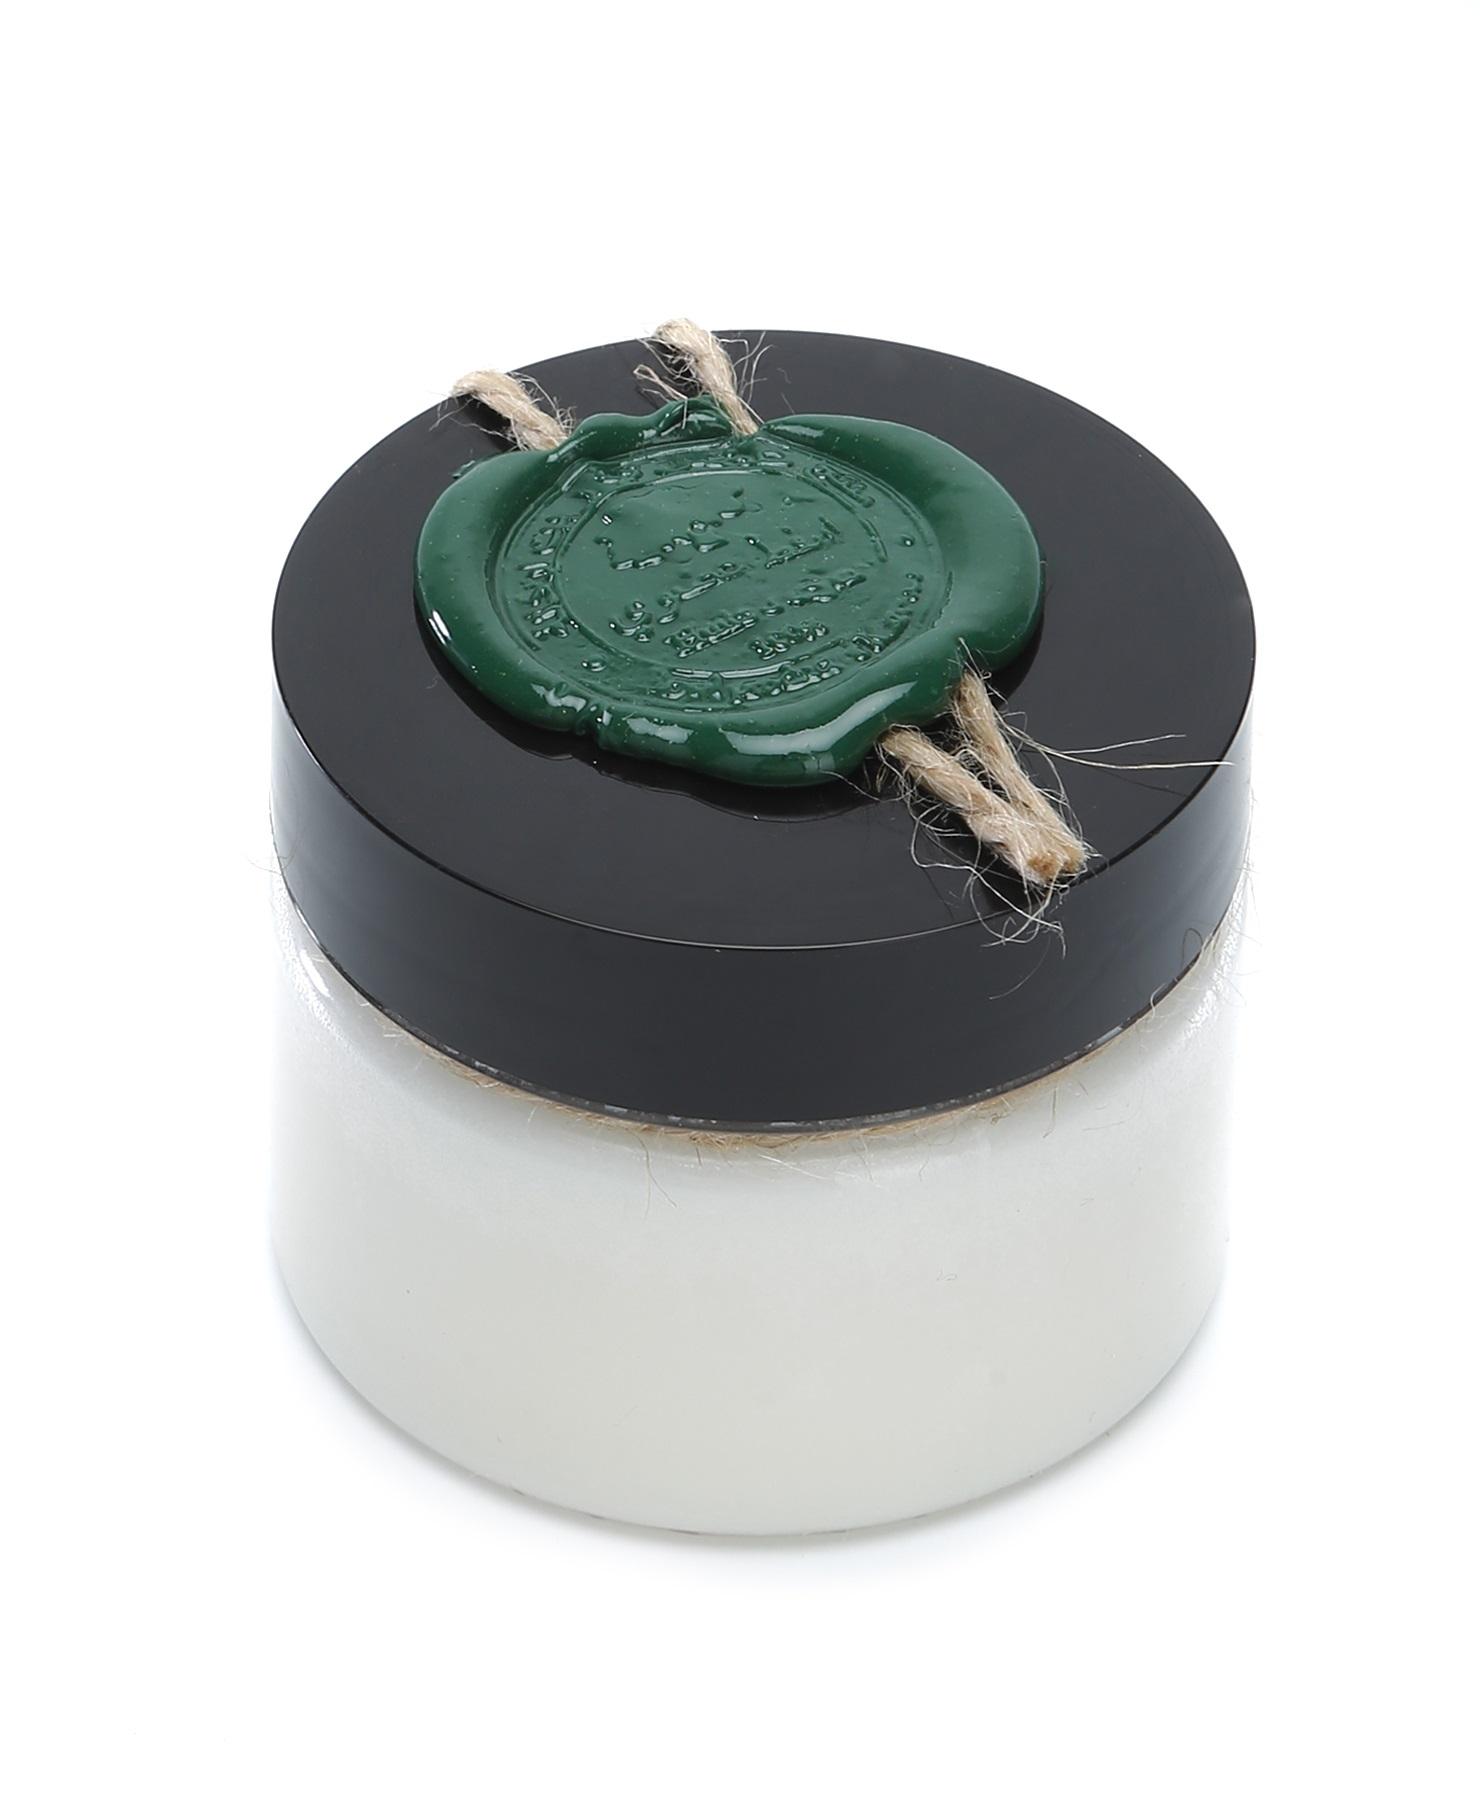 Huilargan Алоэ вера масло, 100% органическое, 100 гFS-00897Алоэ вера издревле известен своими бактерицидными, регенерирующими, увлажняющими и омолаживающими свойствами: ? хорошо увлажняет и помогает быстро устранить сухость кожи, вызванную экземой, псориазом, розацеей, солнечными ожогами, обветриванием; ? питает, смягчает, успокаивает кожу; ? освежает и омолаживает кожу; ? способствует заживлению и восстановлению кожного покрова; ? помогает при акне, ожогах, порезах, ссадинах; ? сглаживает неровности и повышает эластичность кожи; ? регенерирует; ? снимает зуд при укусах насекомых и аллергиях; ? устраняет проявления псориаза. Показания к применению: ? сухая, утомленная, не эластичная кожа; ? зрелая, возрастная кожа; ? поврежденная кожа.Применение: ? в чистом виде или в смеси с другими растительными и эфирным маслами; ? для ежедневного ухода за лицом и телом; ? в качестве хорошей основы для приготовления кремов, молочка, сливок, сывороток и других косметических средств; ? замечательное массажное масло; Противопоказания: возможна индивидуальная непереносимость органического масла.